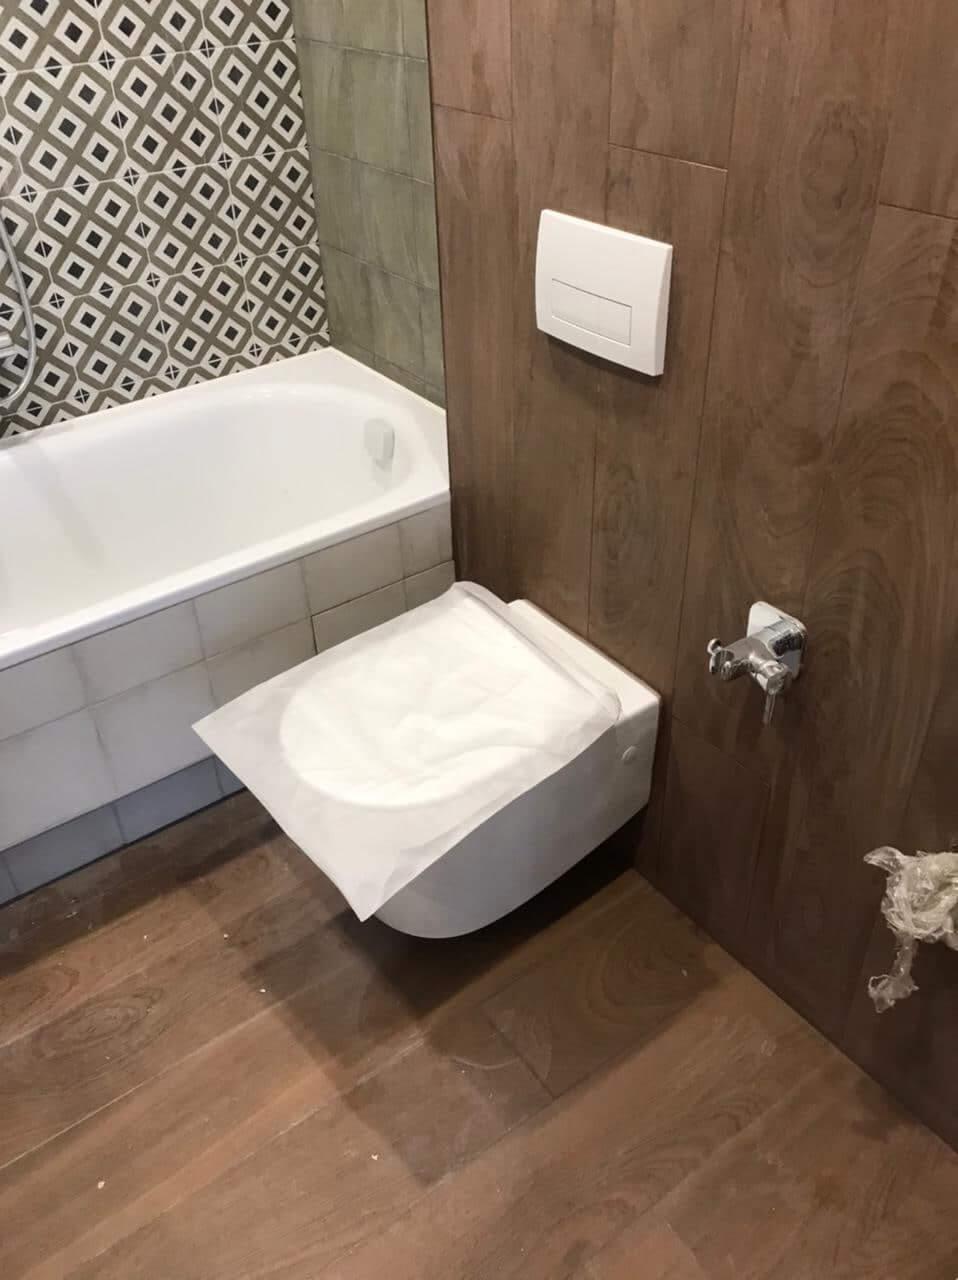 Белый унитаз и ванна перед чисткой